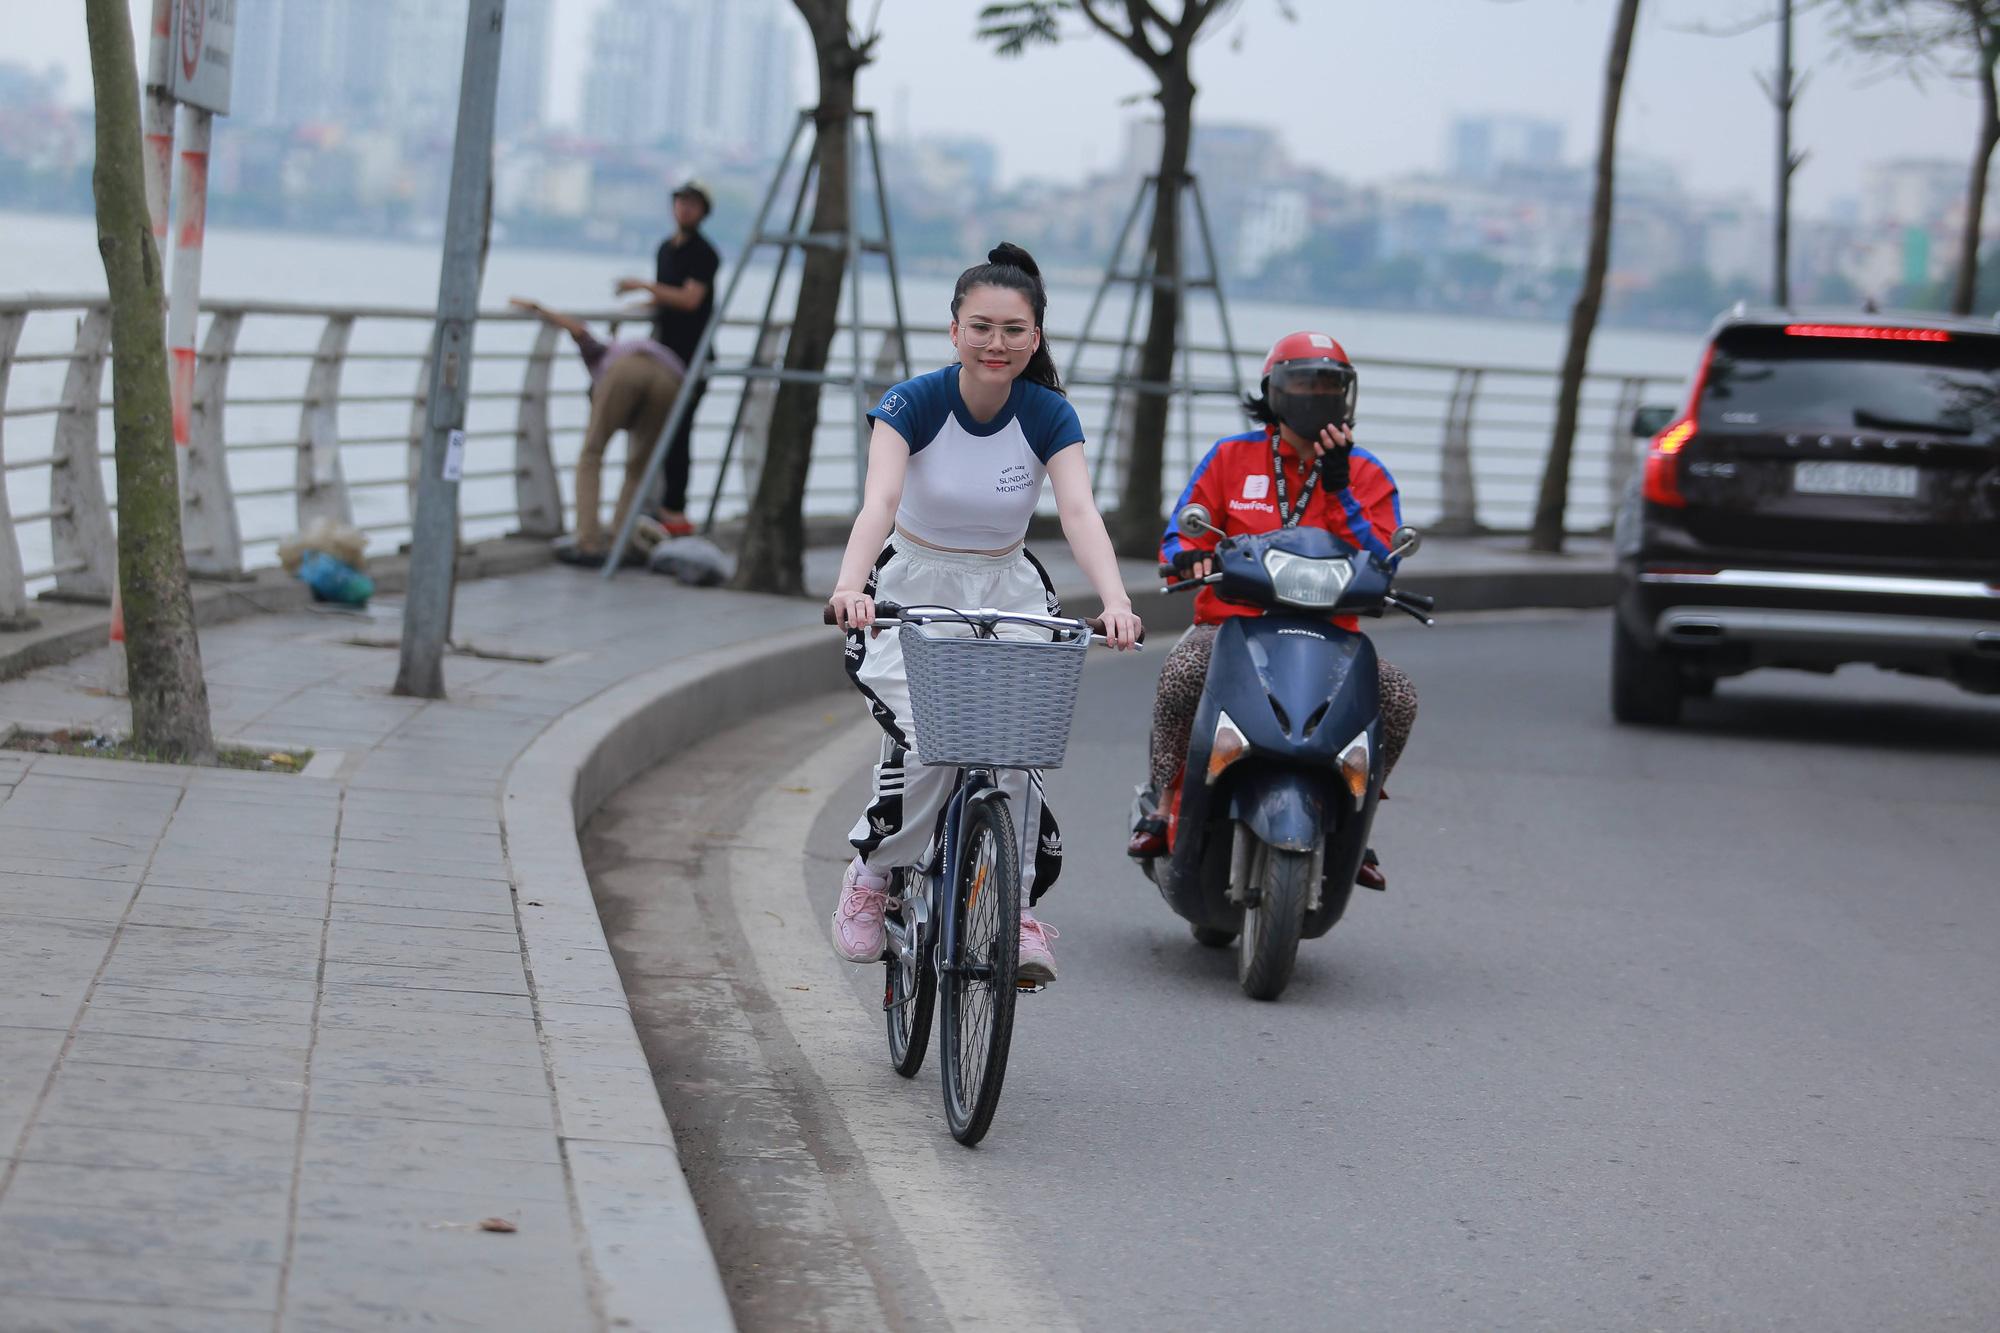 Rất nhiều bạn trẻ ở Hà Nội đã thuê một chiếc xe đạp và đạp xe vòng quan Hồ Tây như một hình thức tập thể dục, relax. Ảnh: N.T